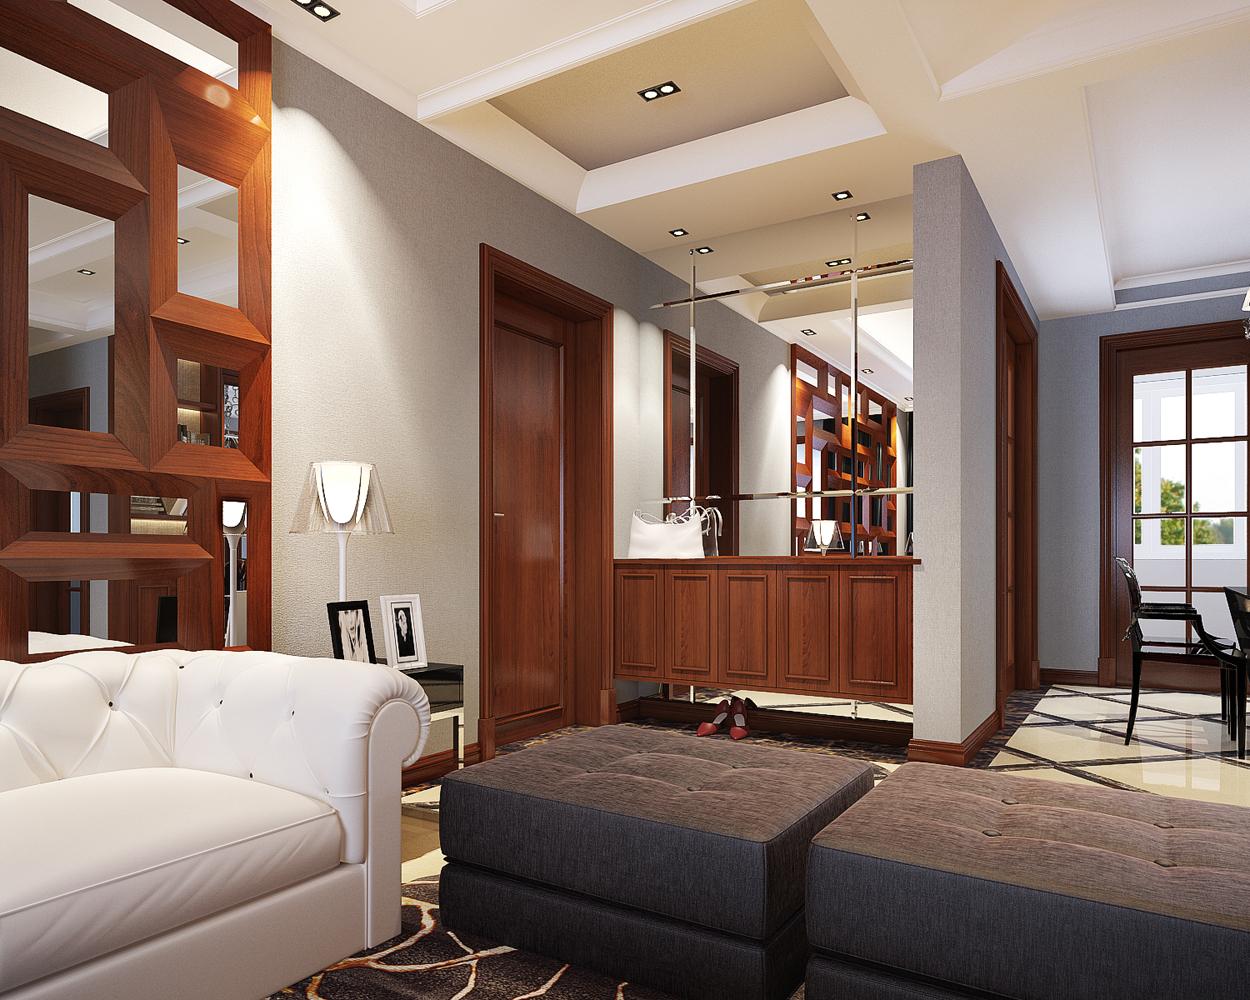 顶峰公寓-玄关-合肥装修效果图